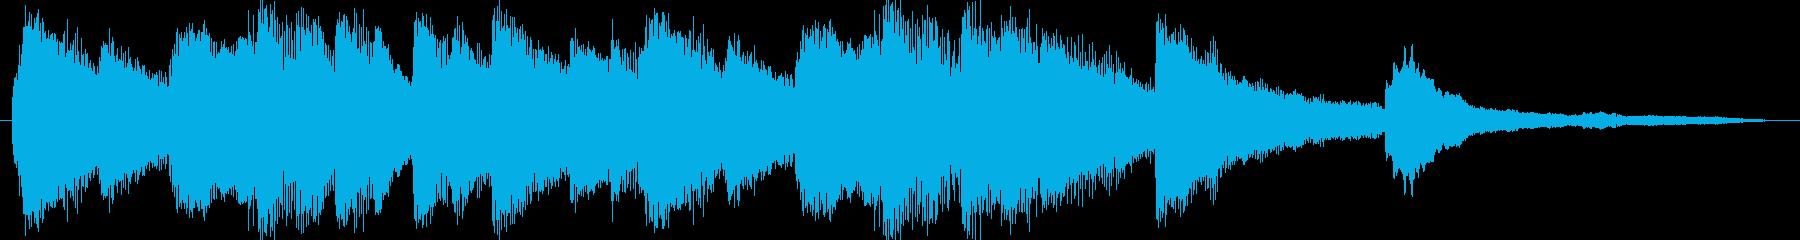 きれいな旋律のピアノソロジングルの再生済みの波形